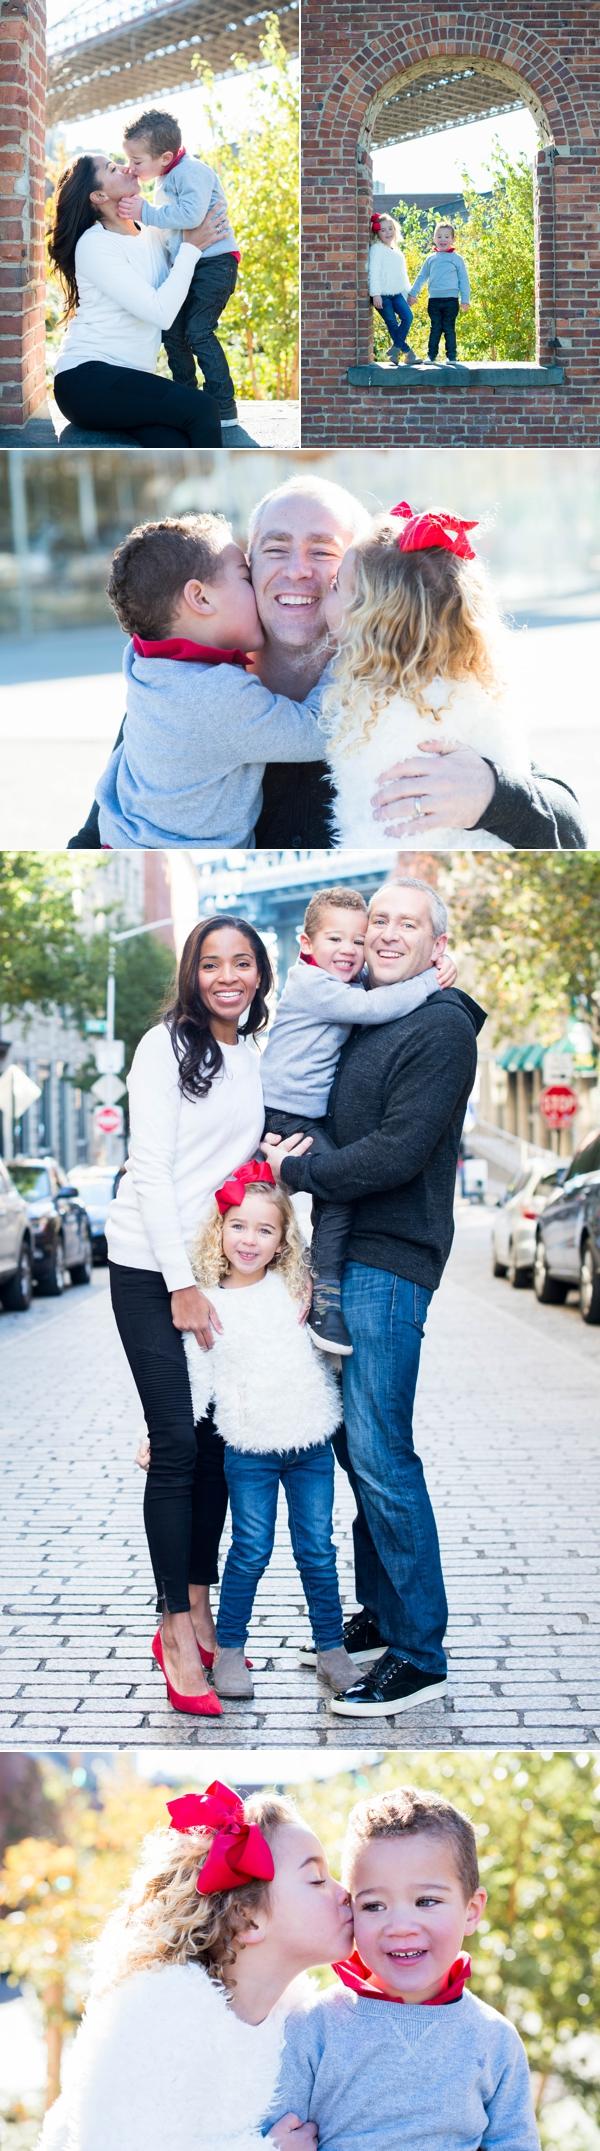 Berkett Family 3.jpg